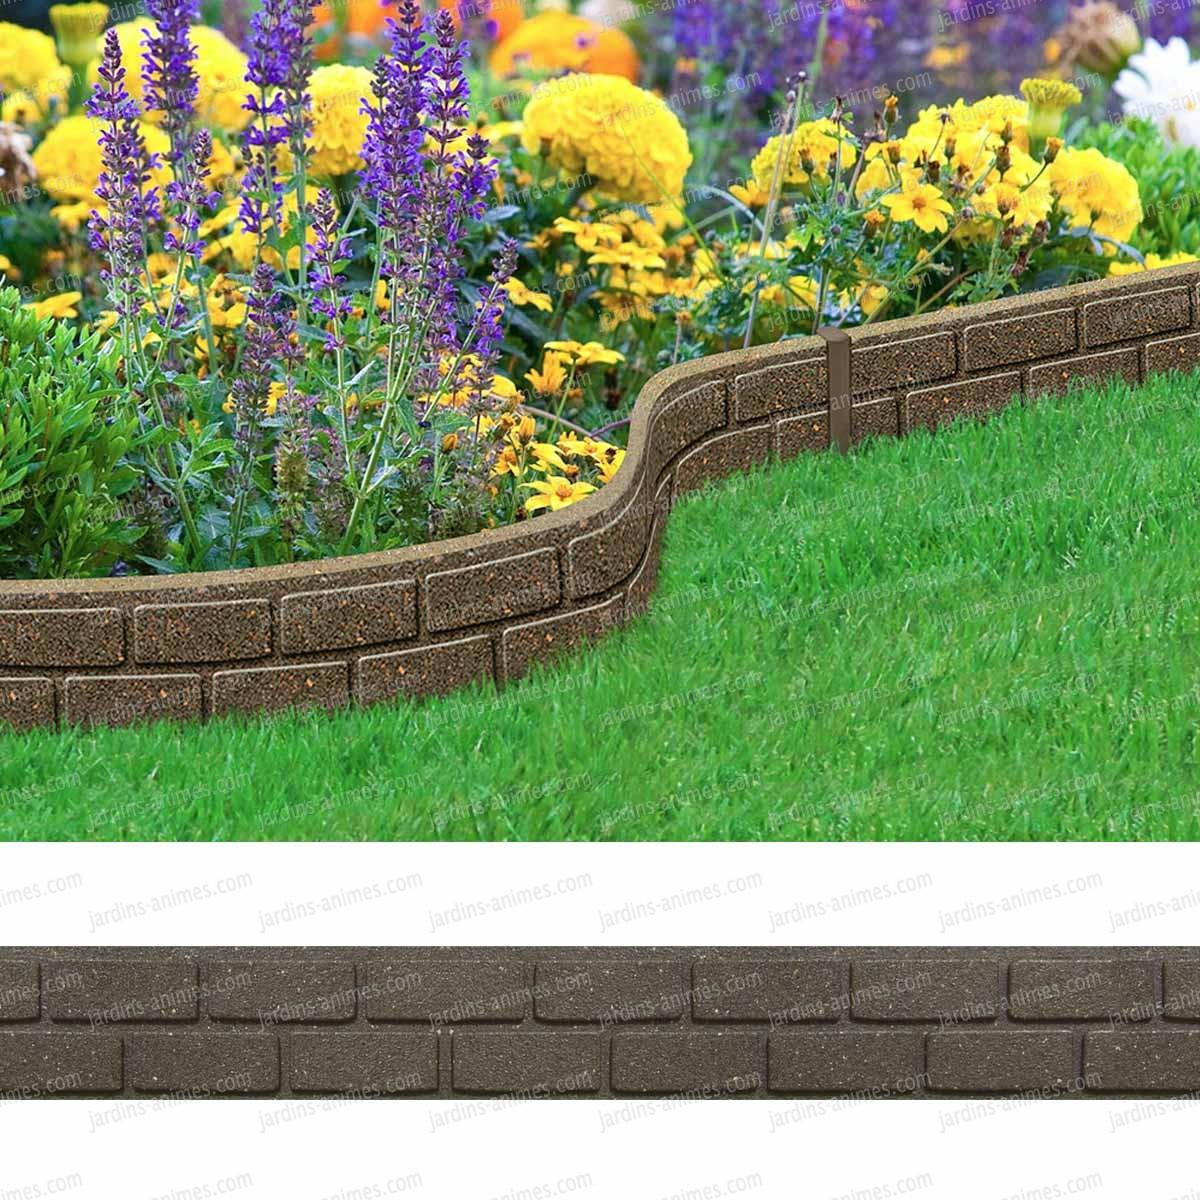 Amispol 12 Mètres Bordure De Gazon En Plastique 125/4 Mm De ... destiné Bordure Jardin Flexible